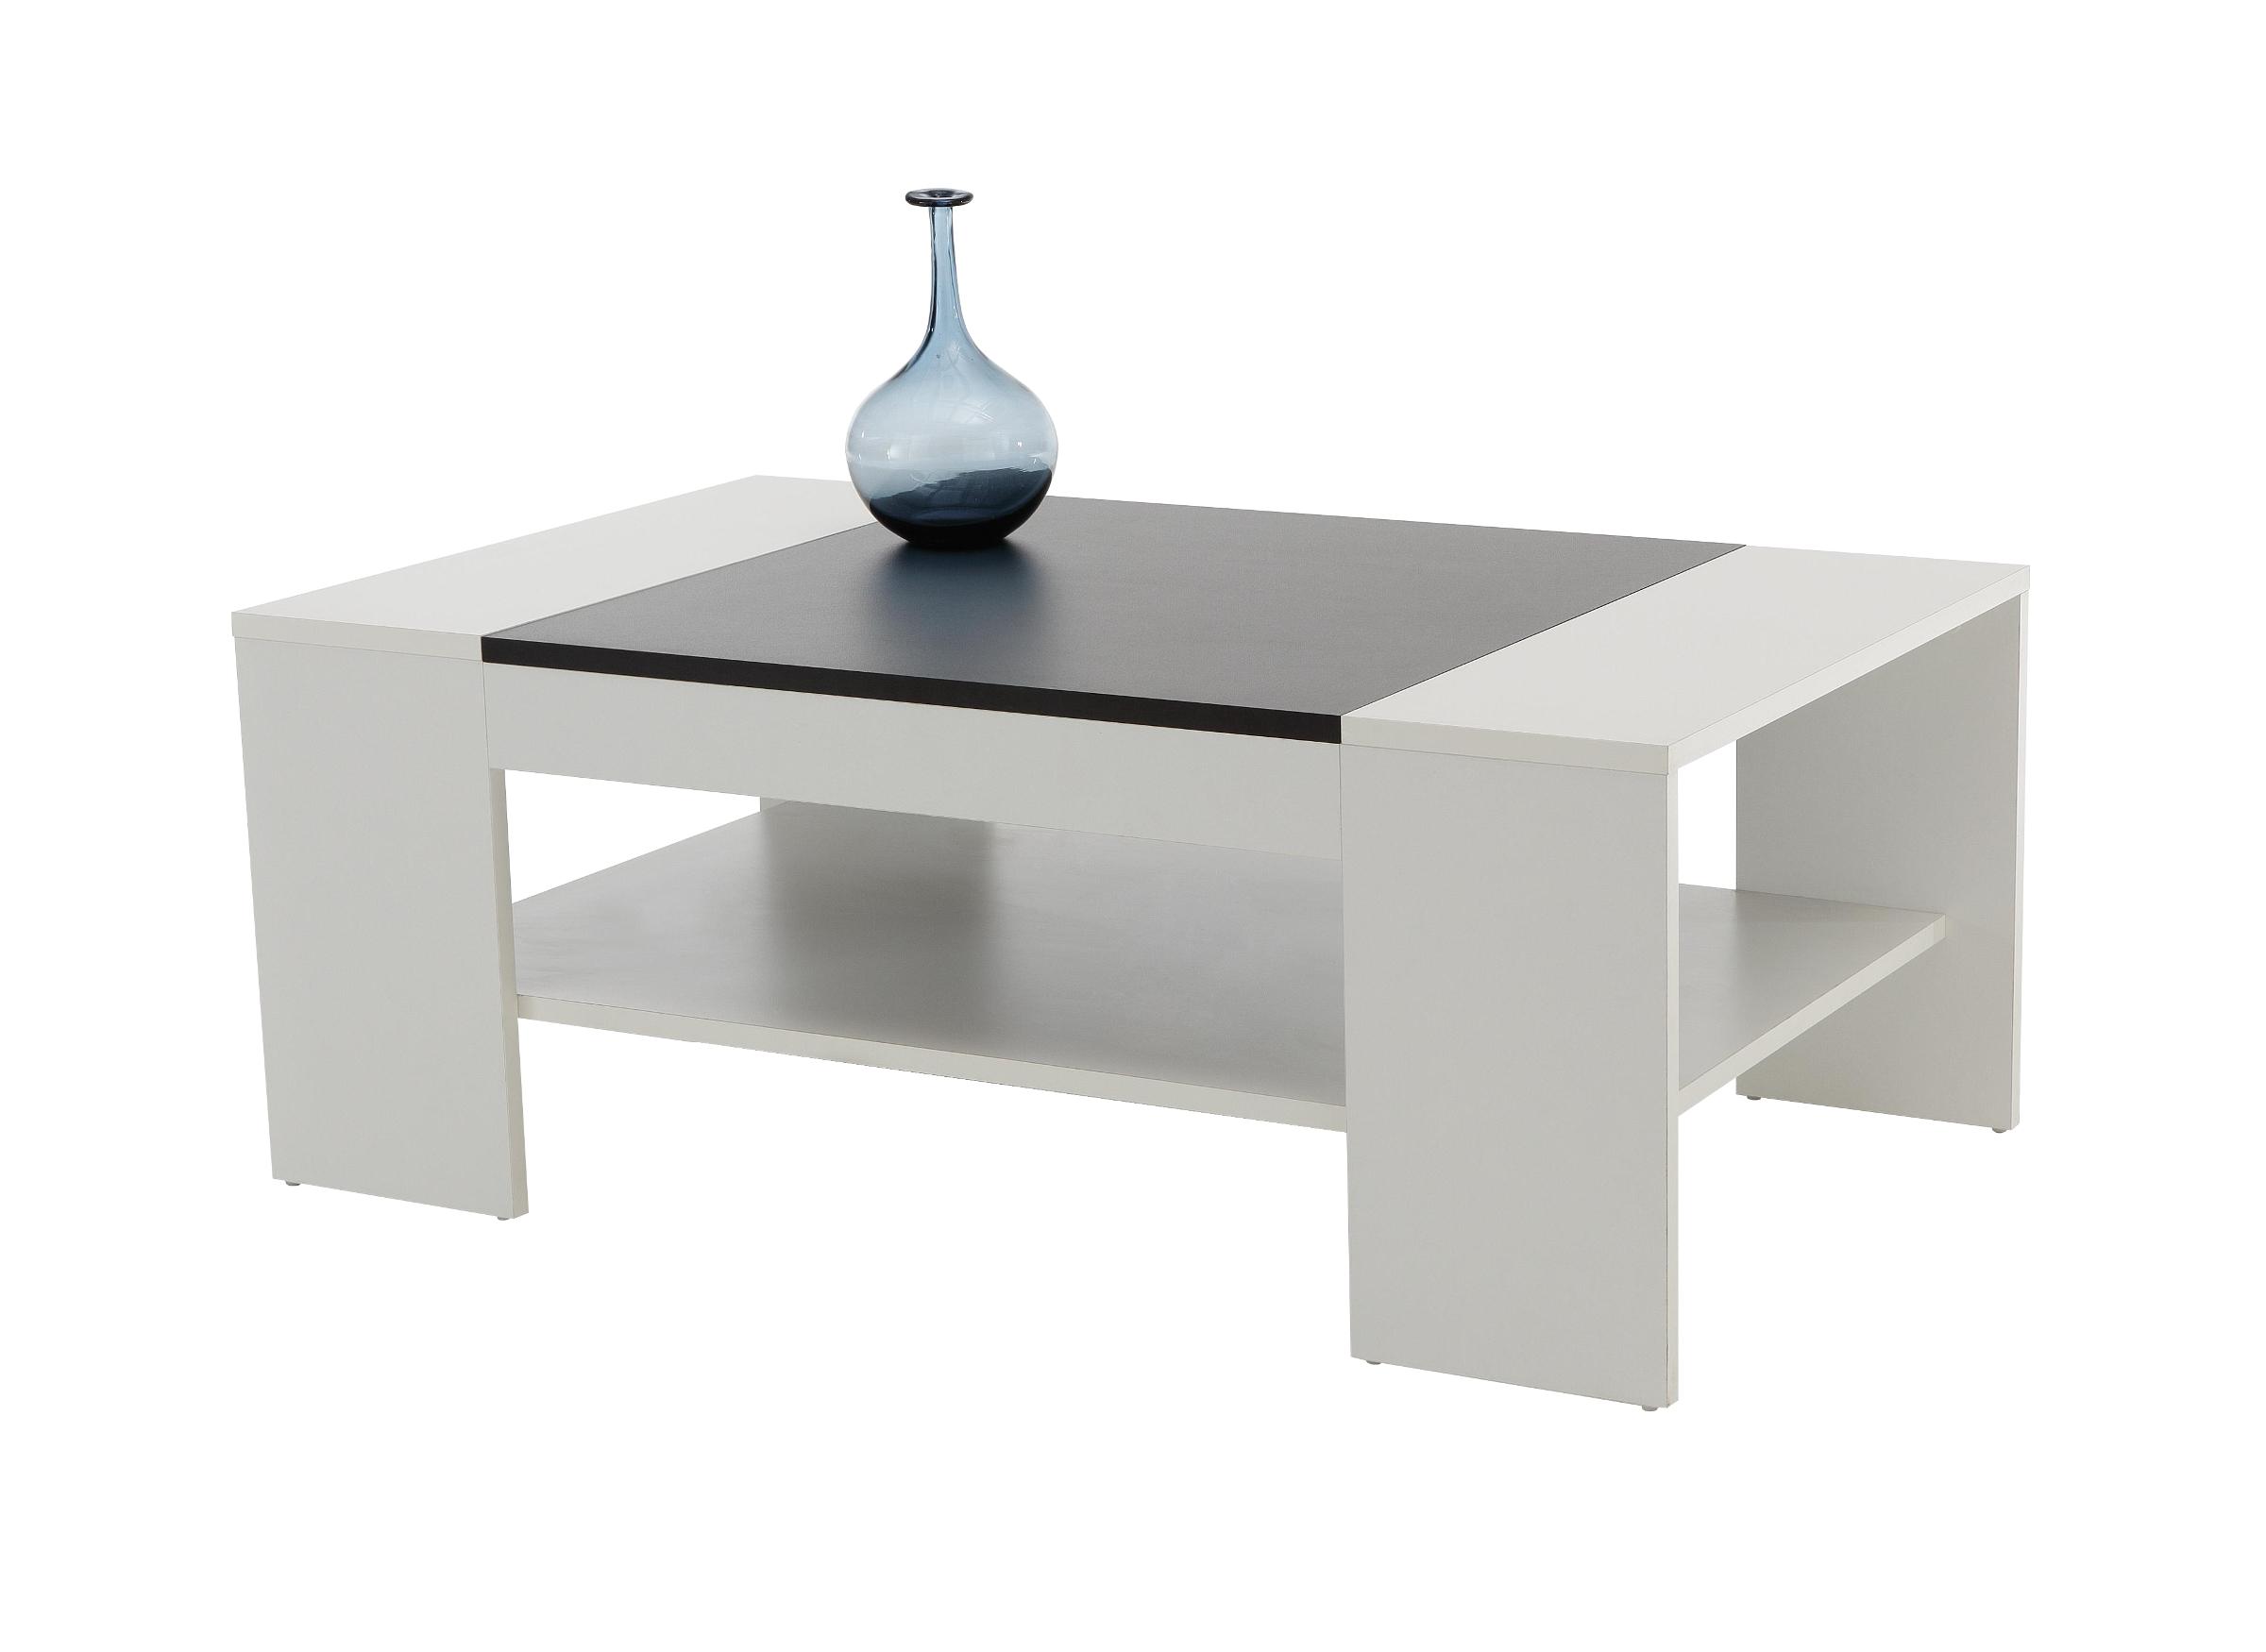 Couchtisch Oliver Tischplatte 111 X 67 Cm Mit Ablageboden Weiss Schwarz